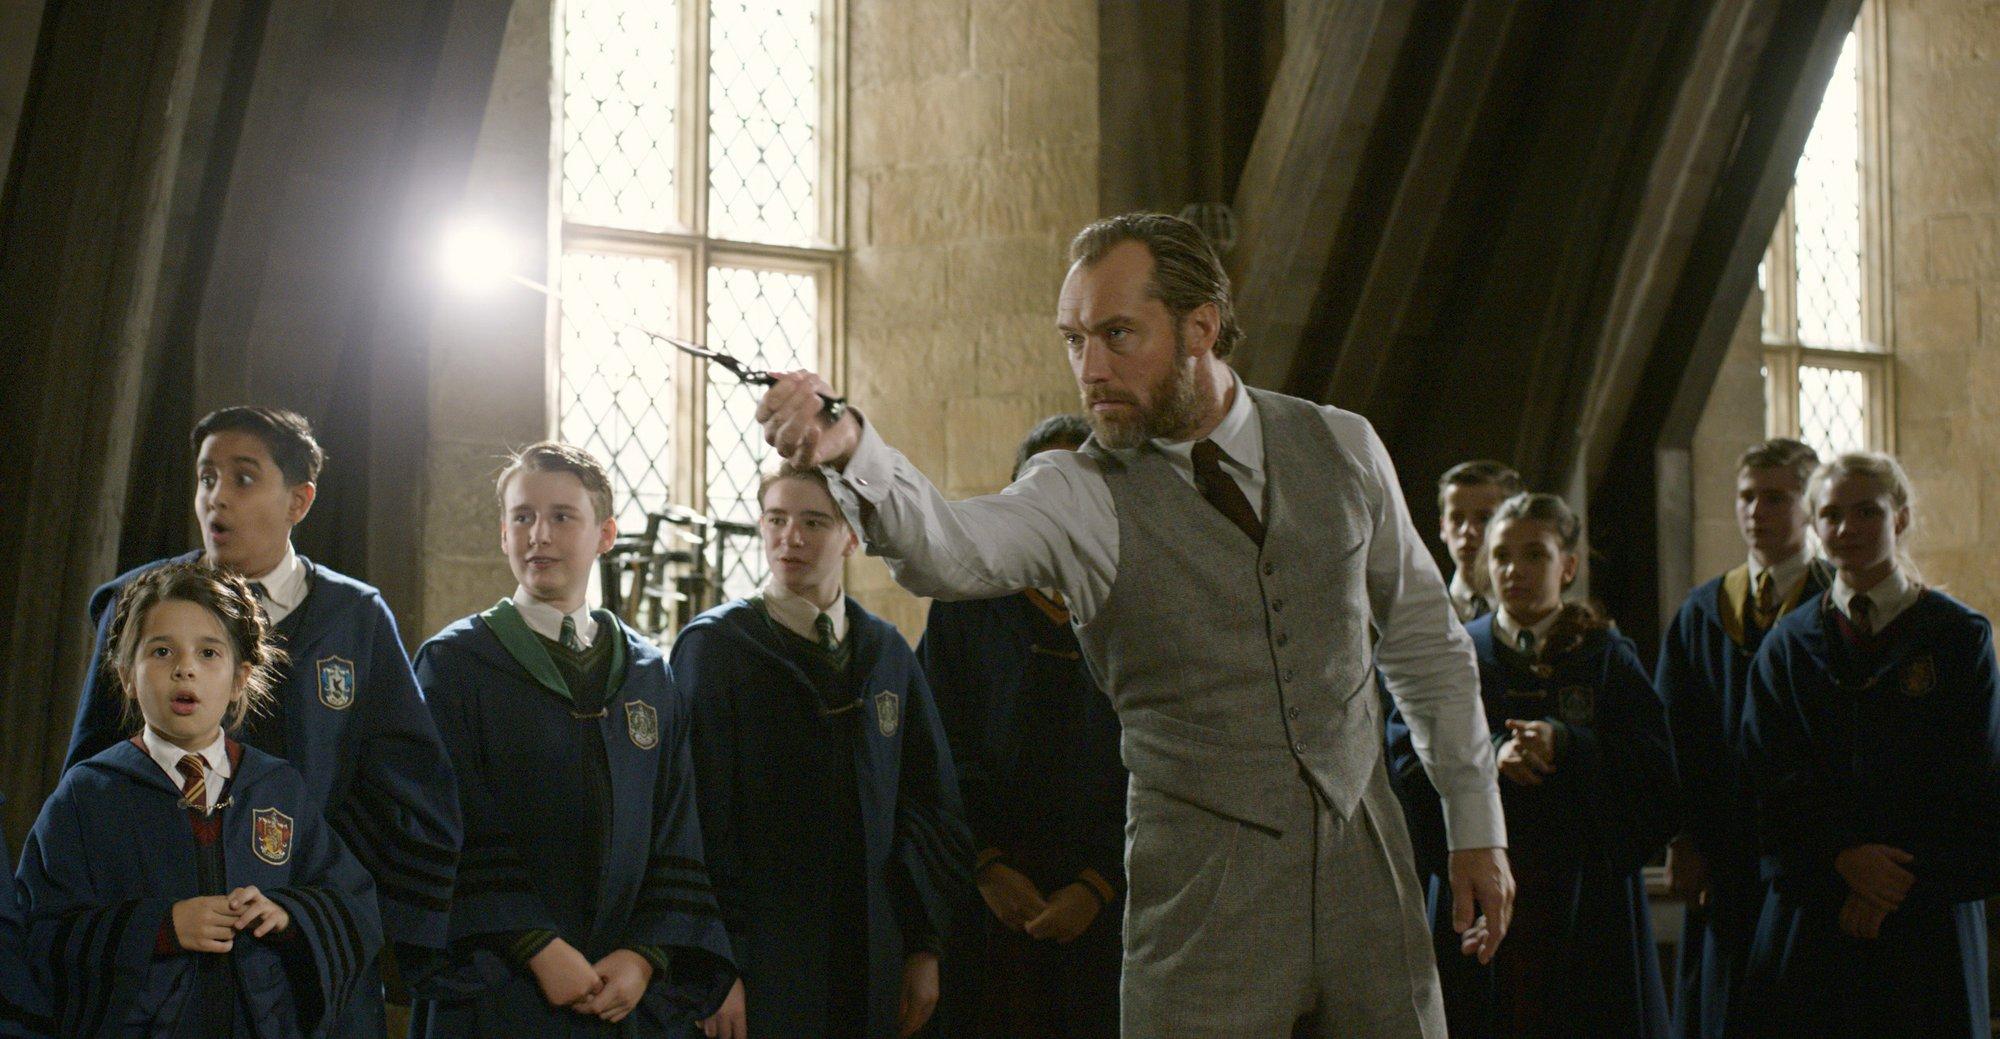 'Fantastic Beasts' flies to top of weekend box office